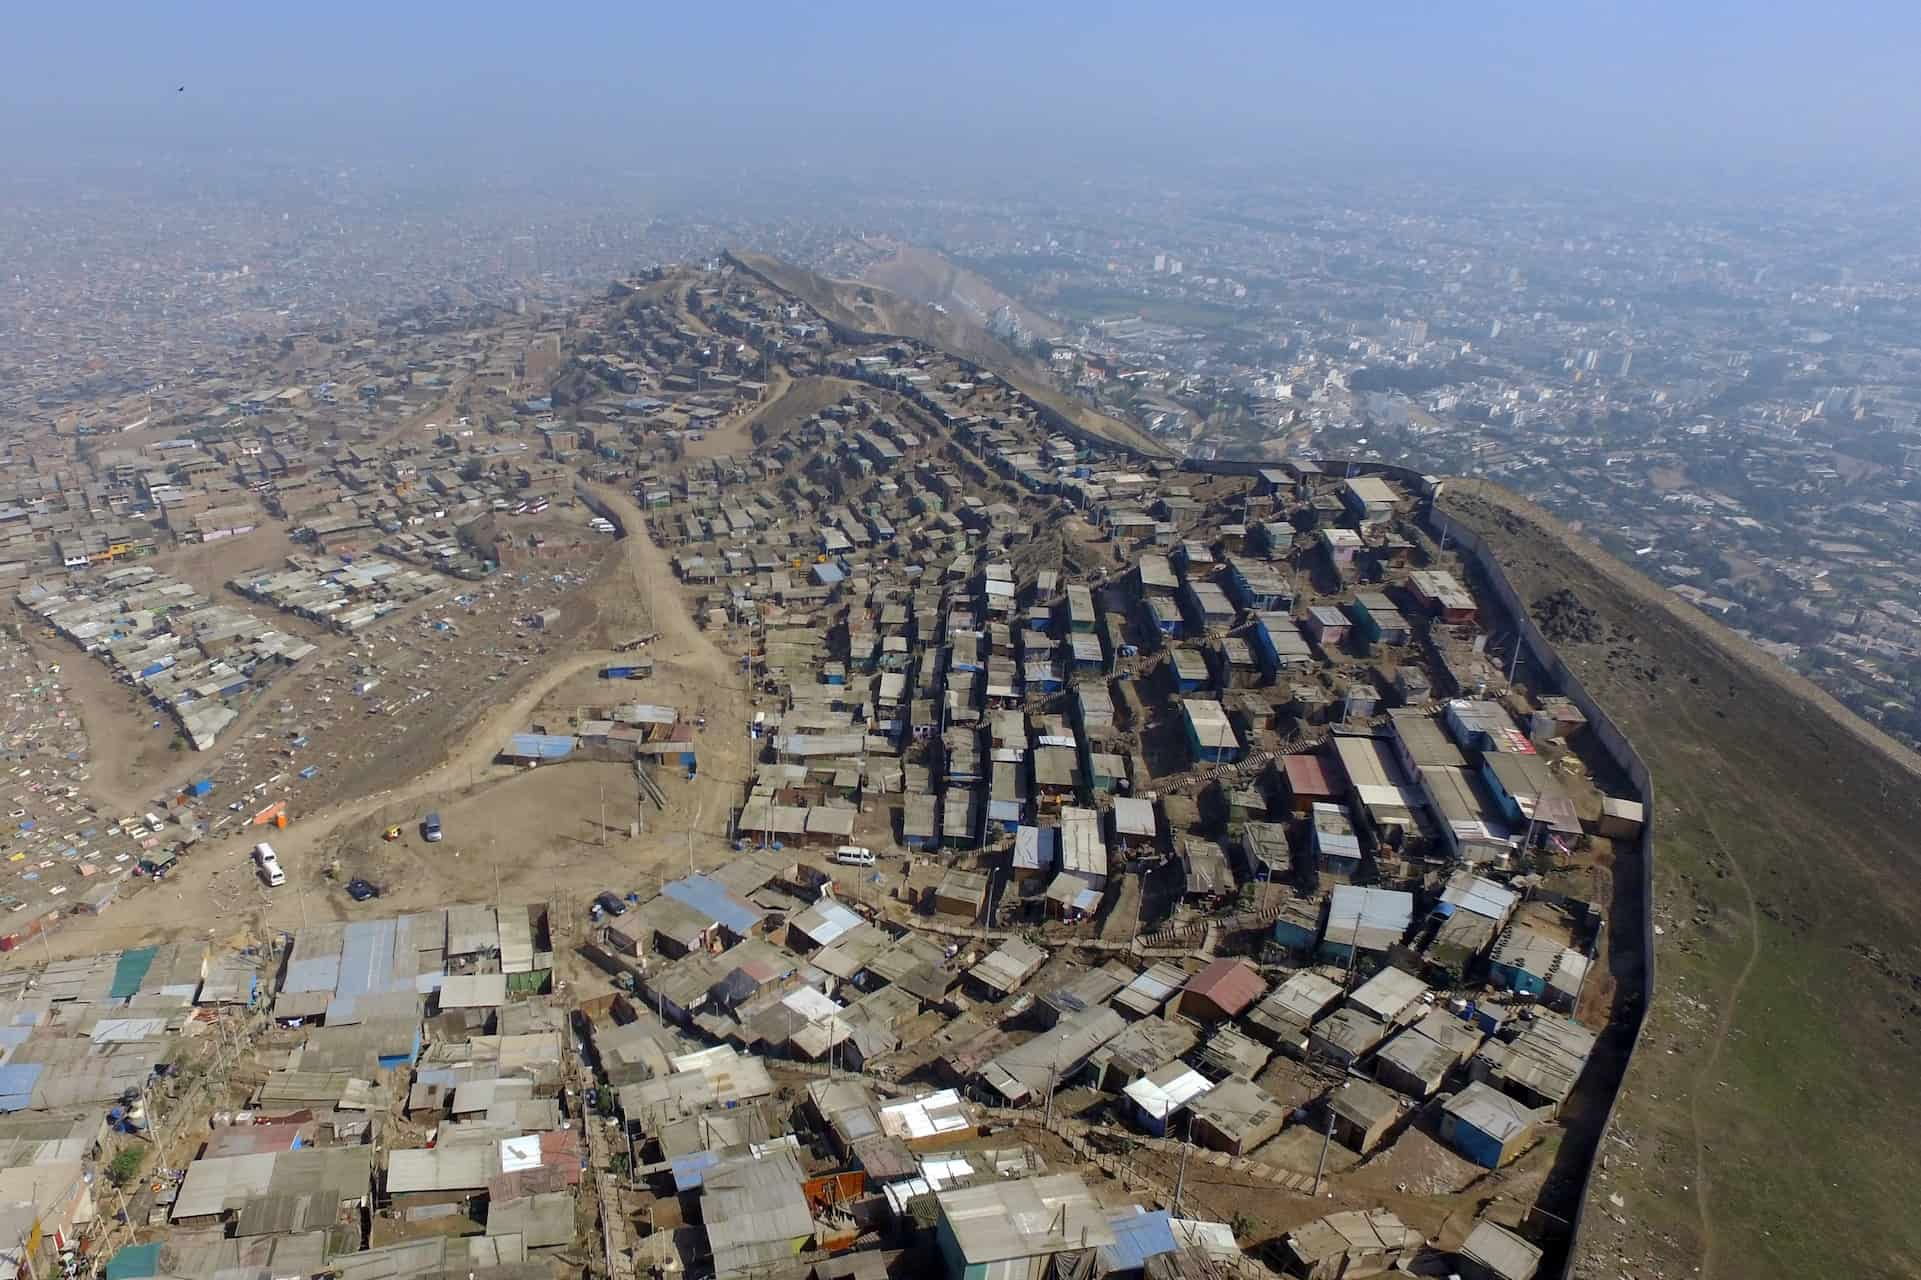 Blick über die Stadt Lima in Peru